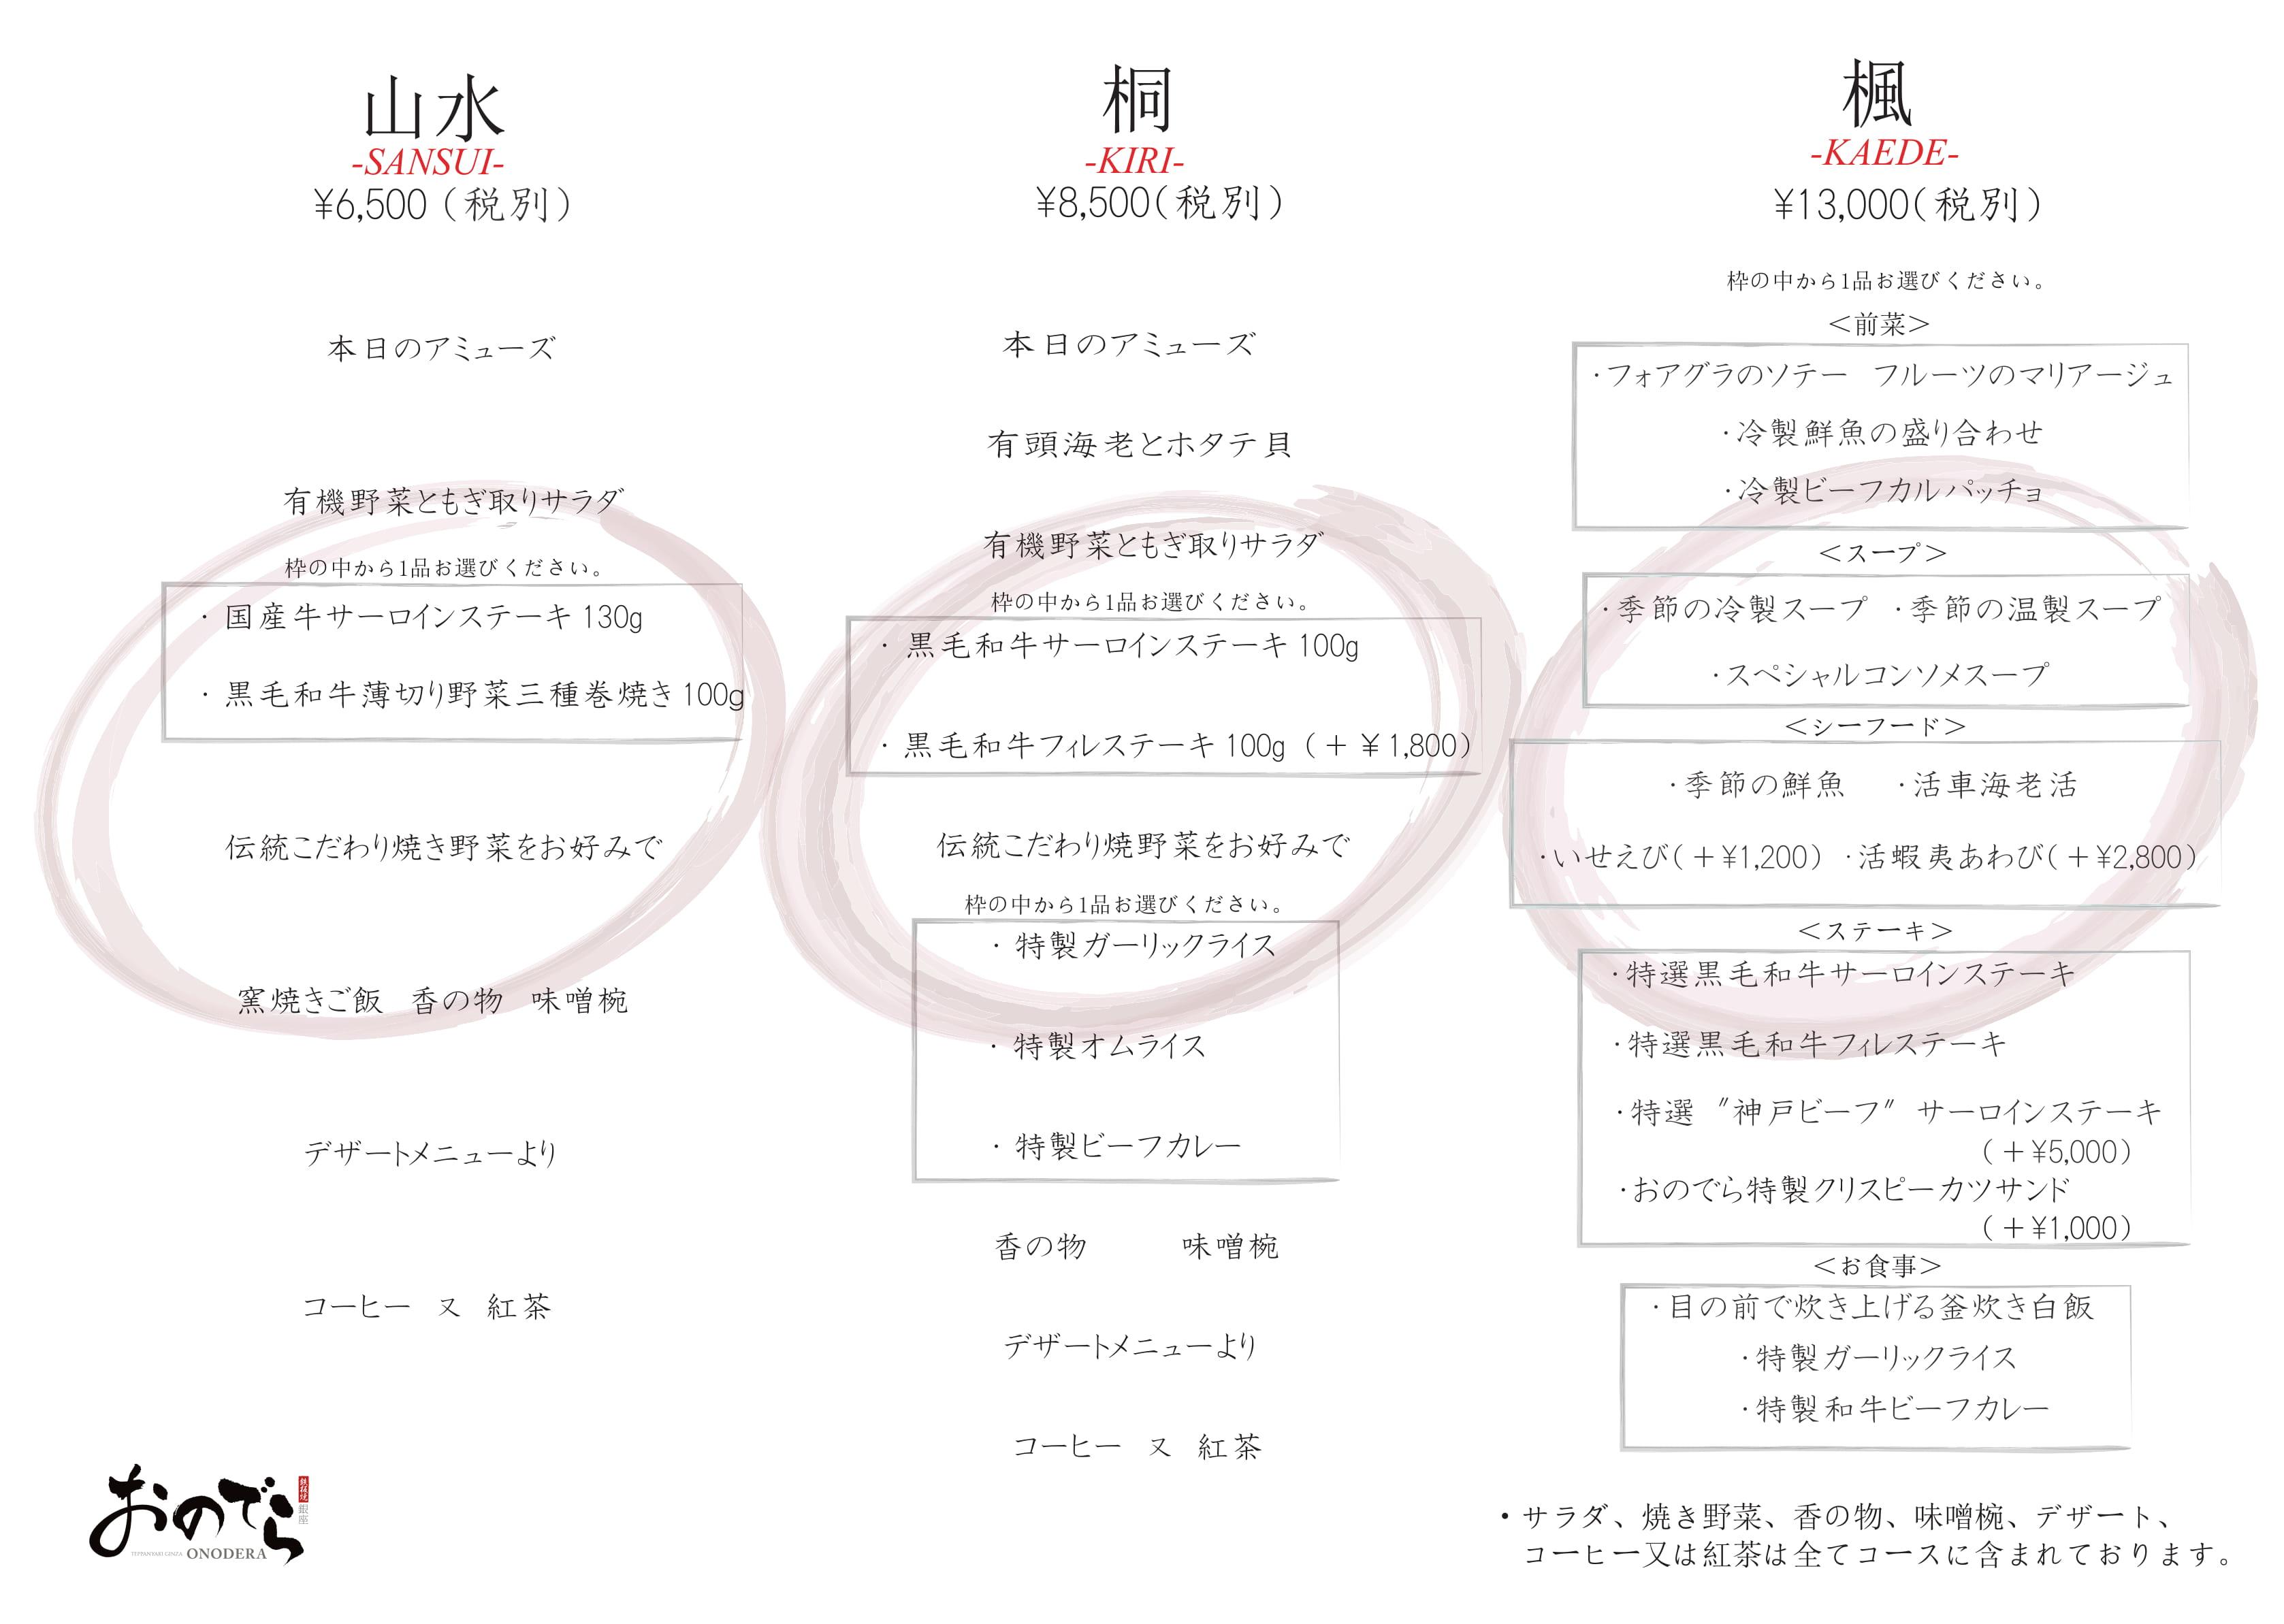 鉄板焼 [銀座店] ランチメニュー4